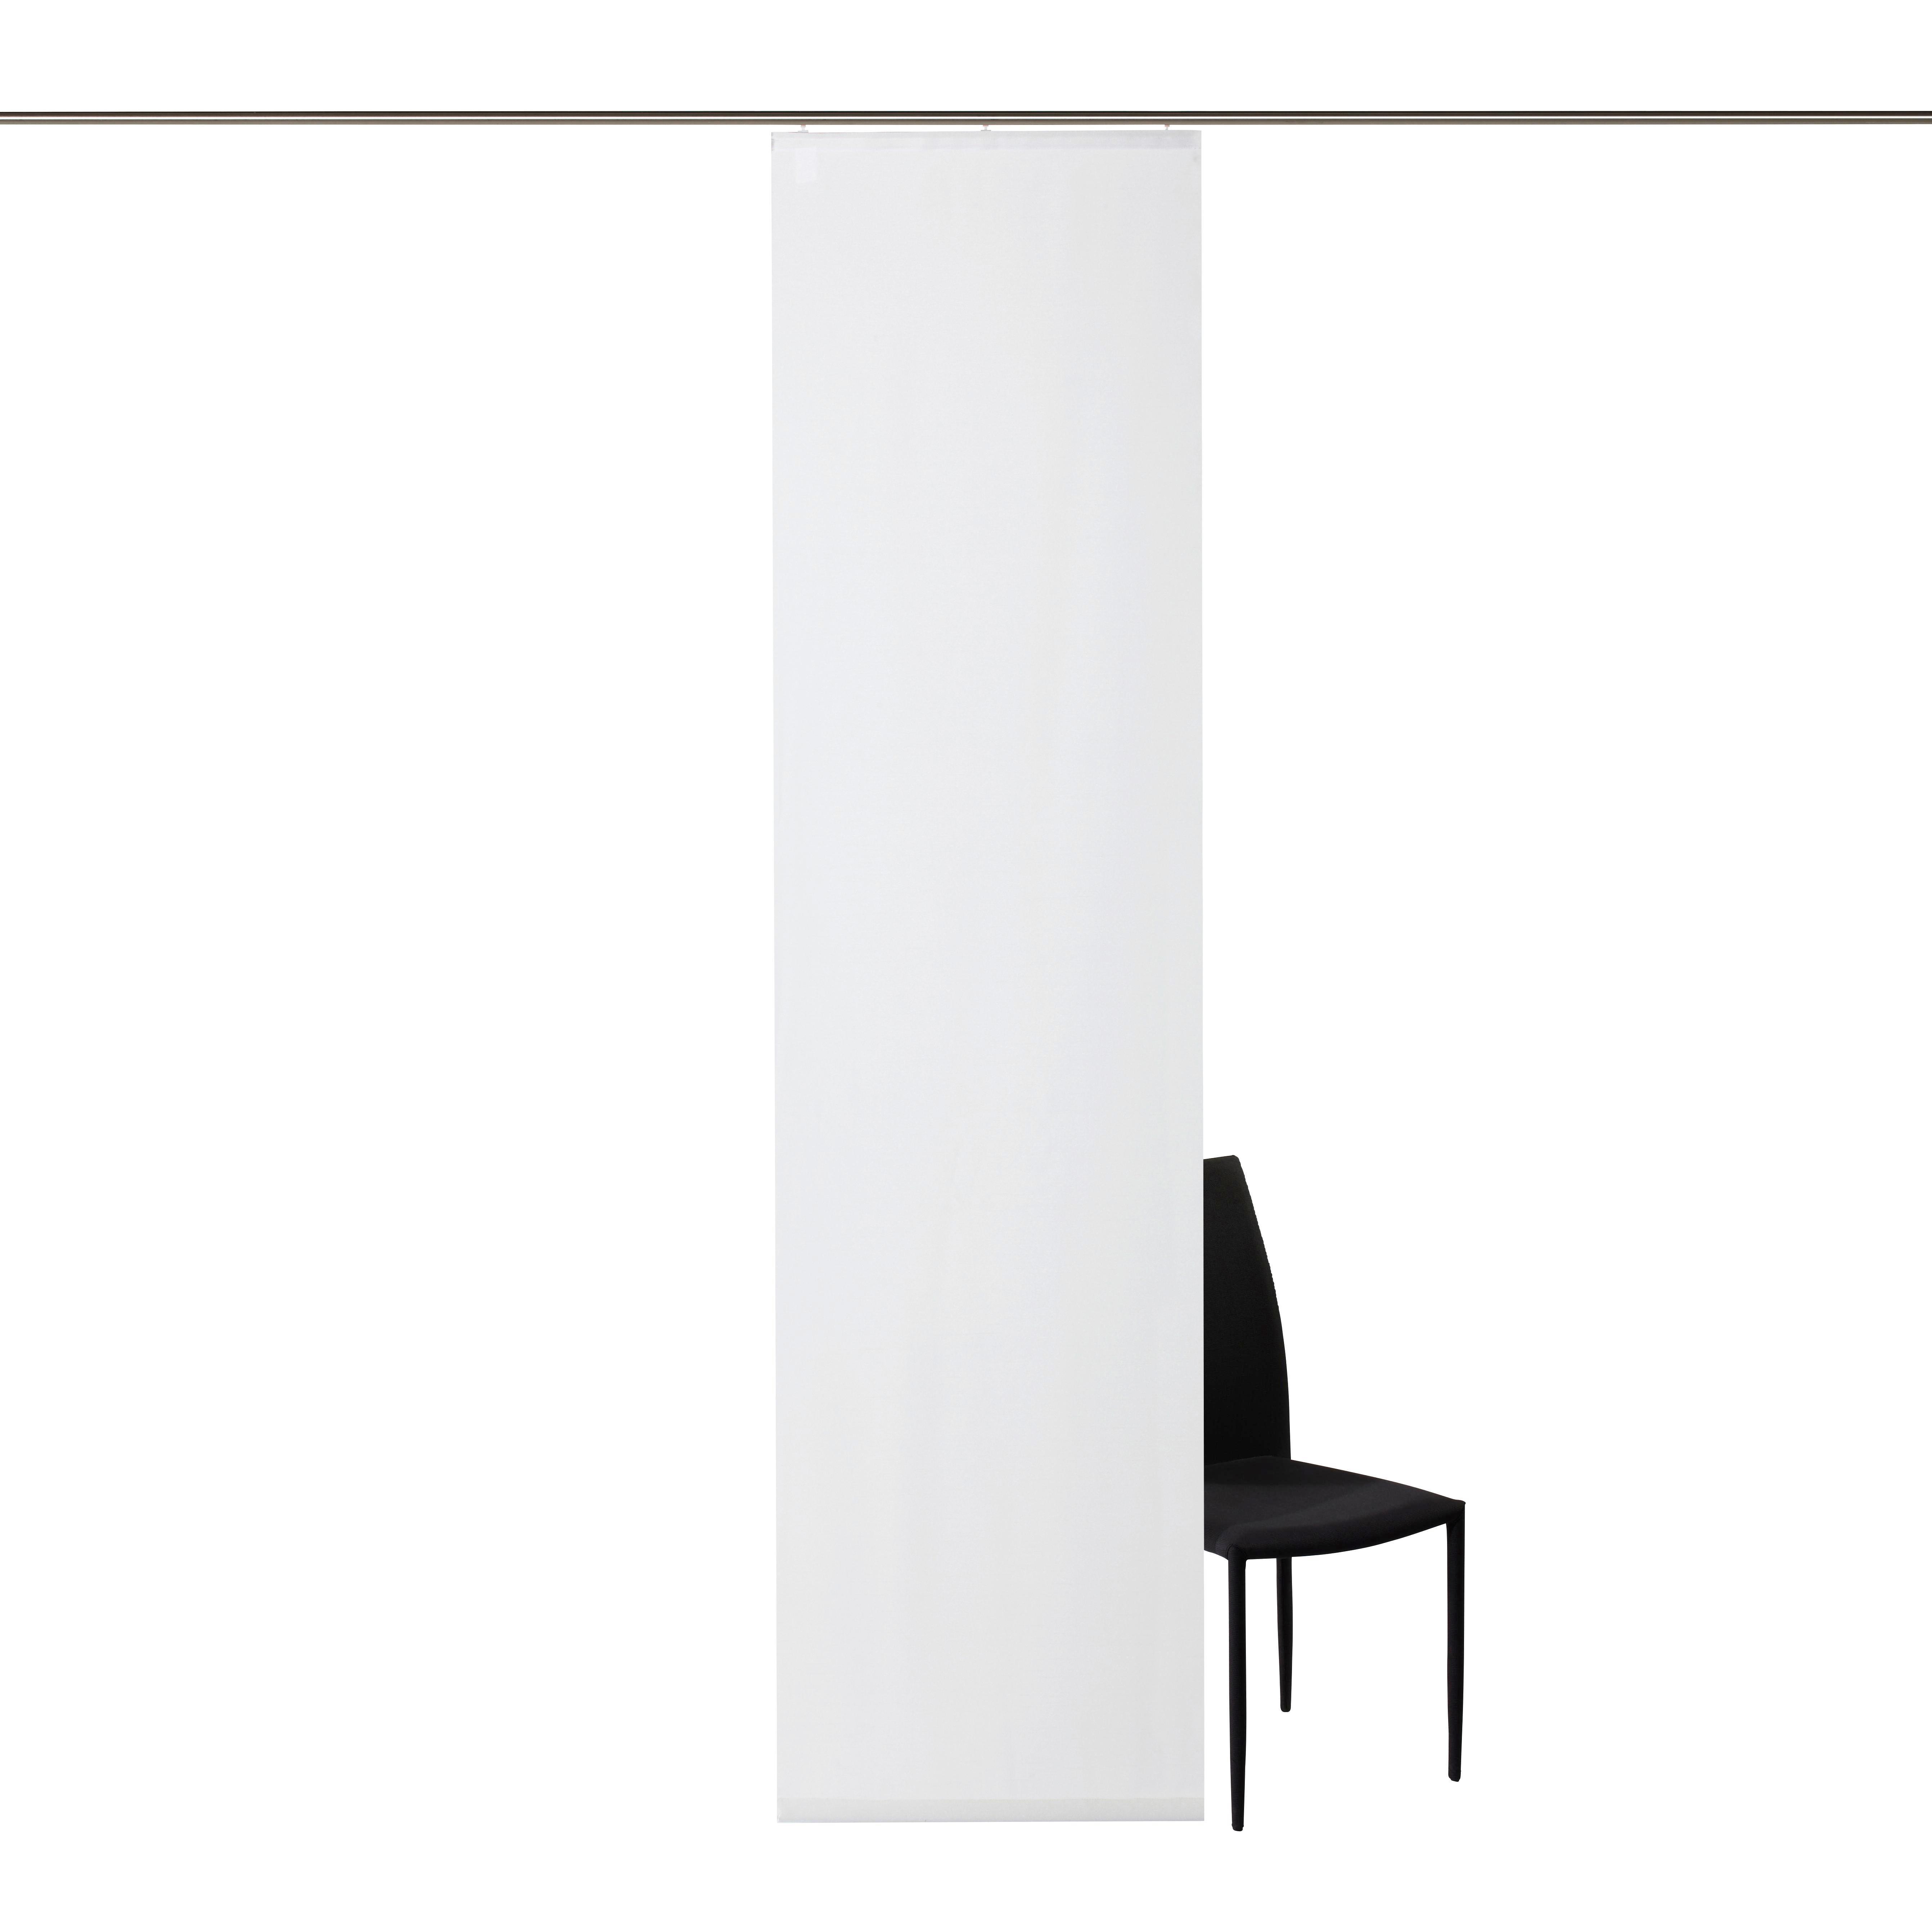 Schön Schiebegardinen Schmal Design